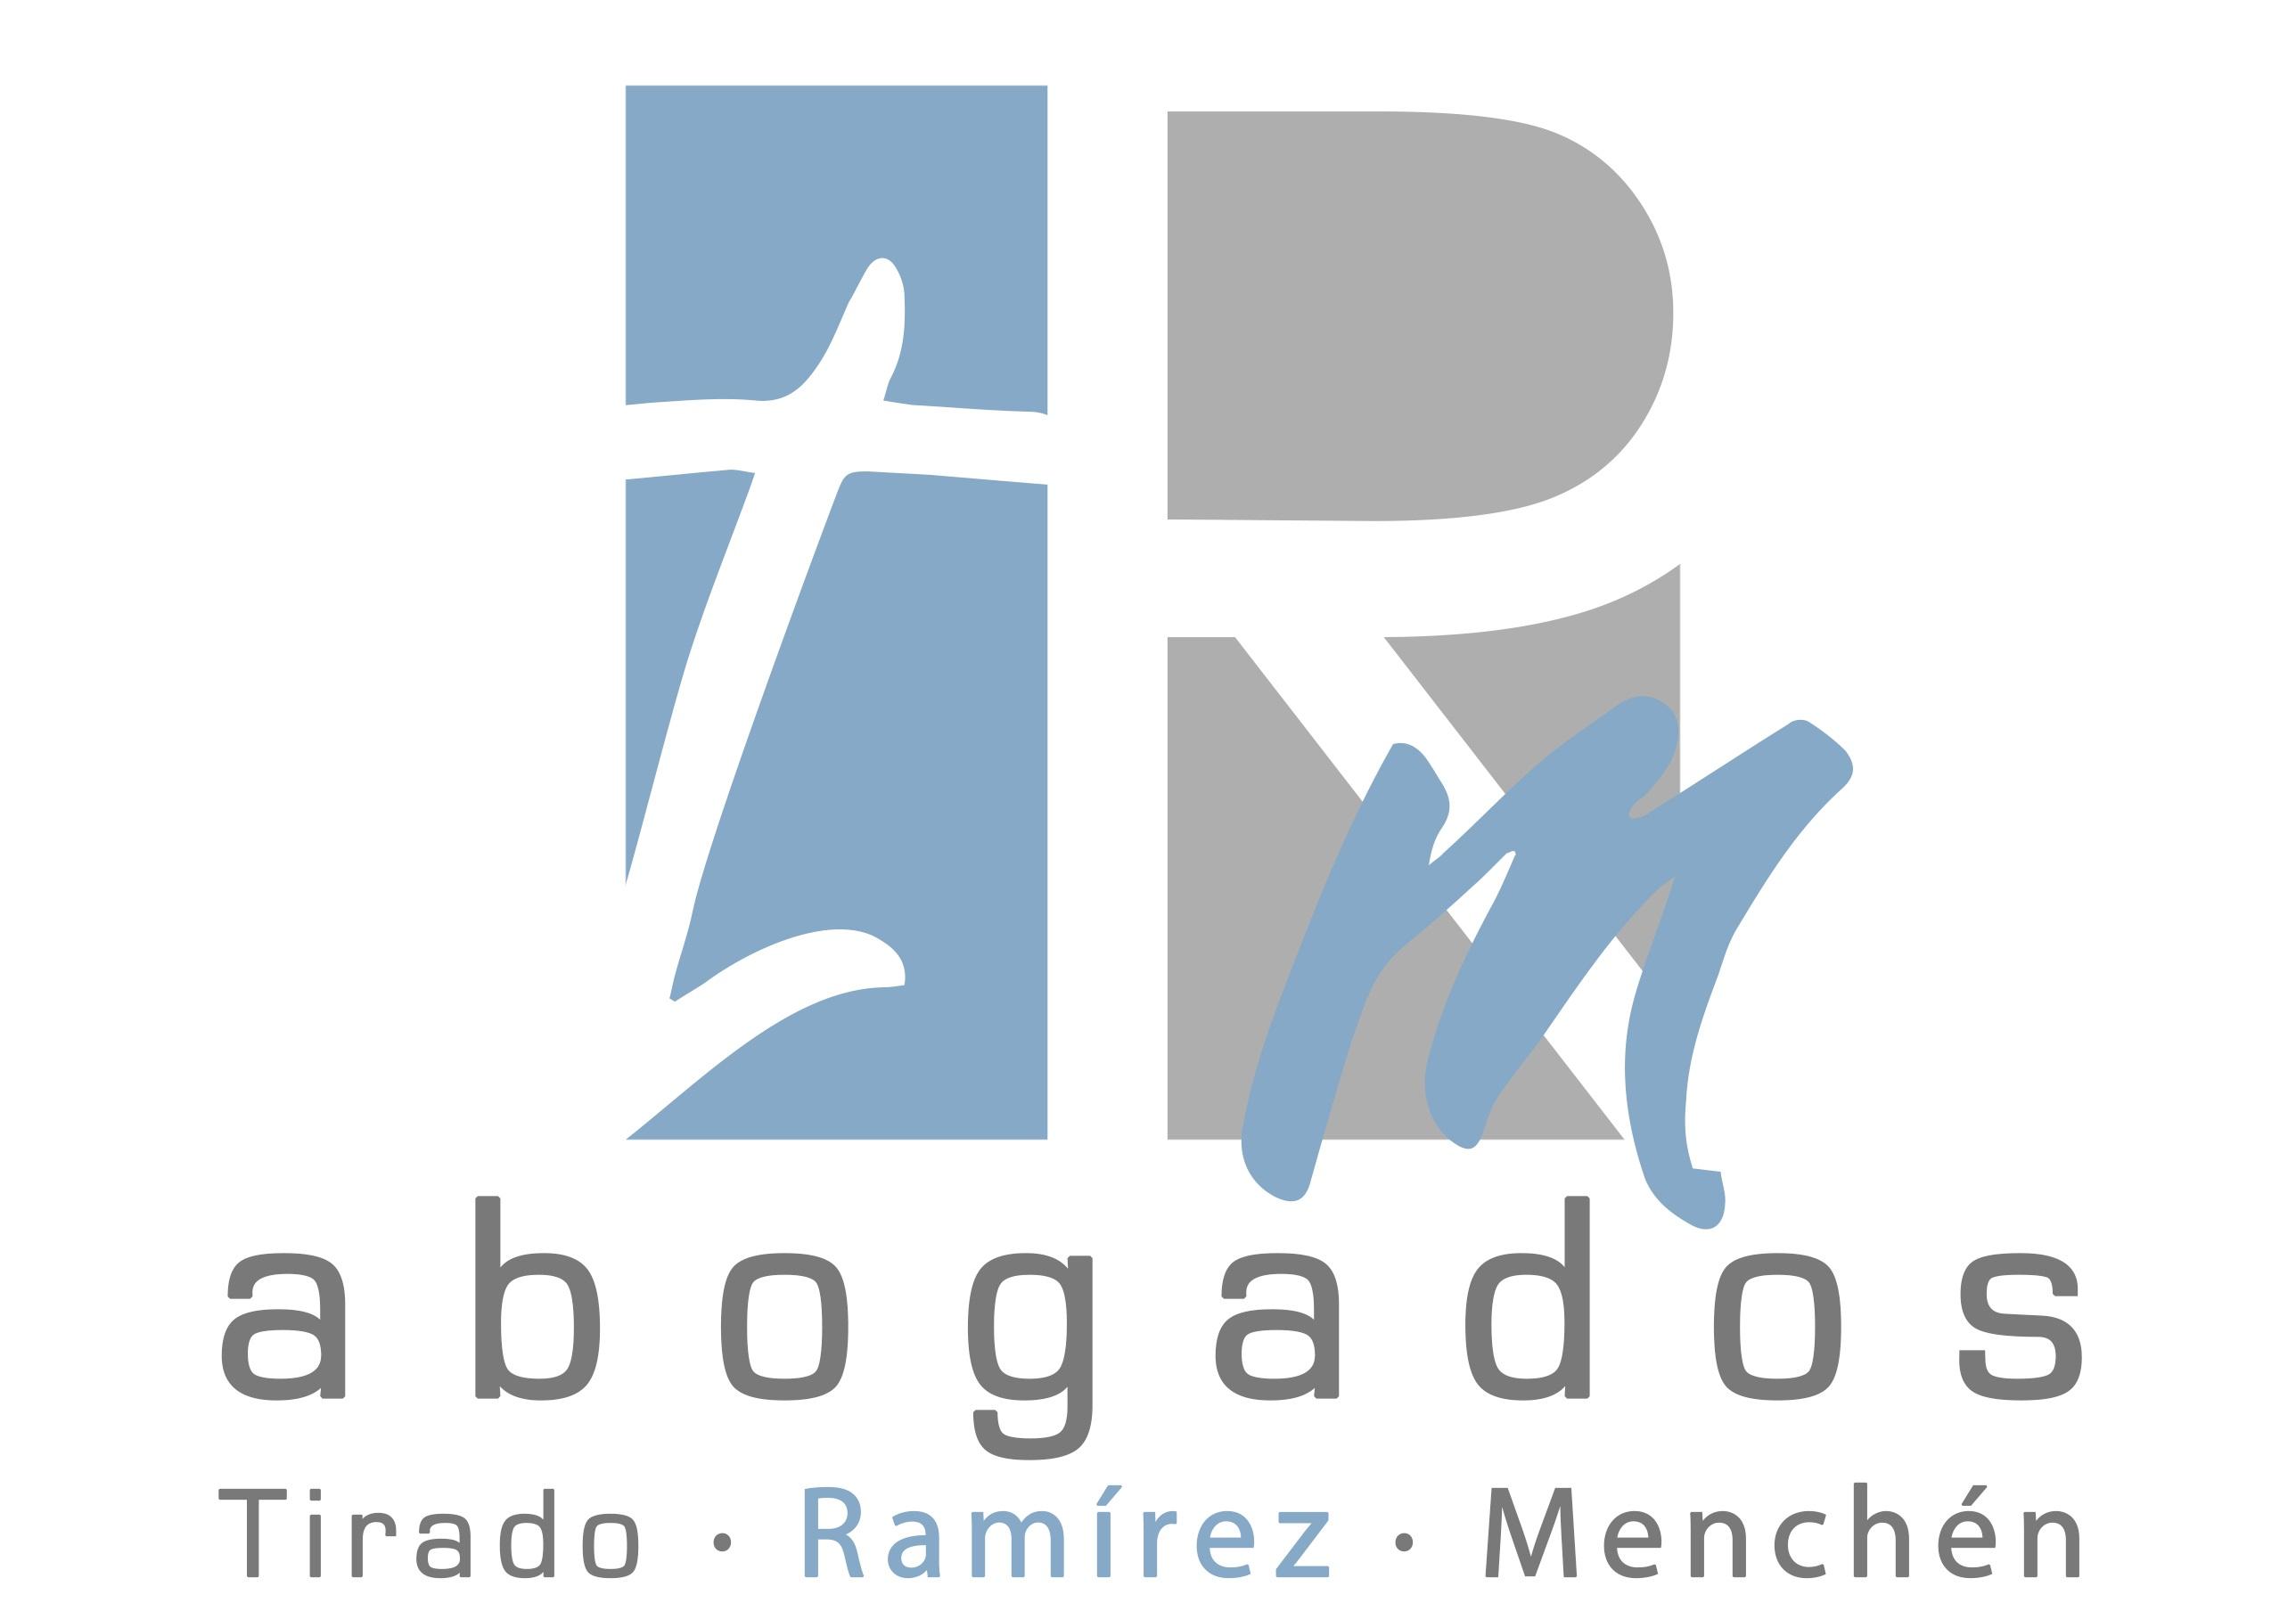 Tirado_Ramirez_Menchen_Abogados